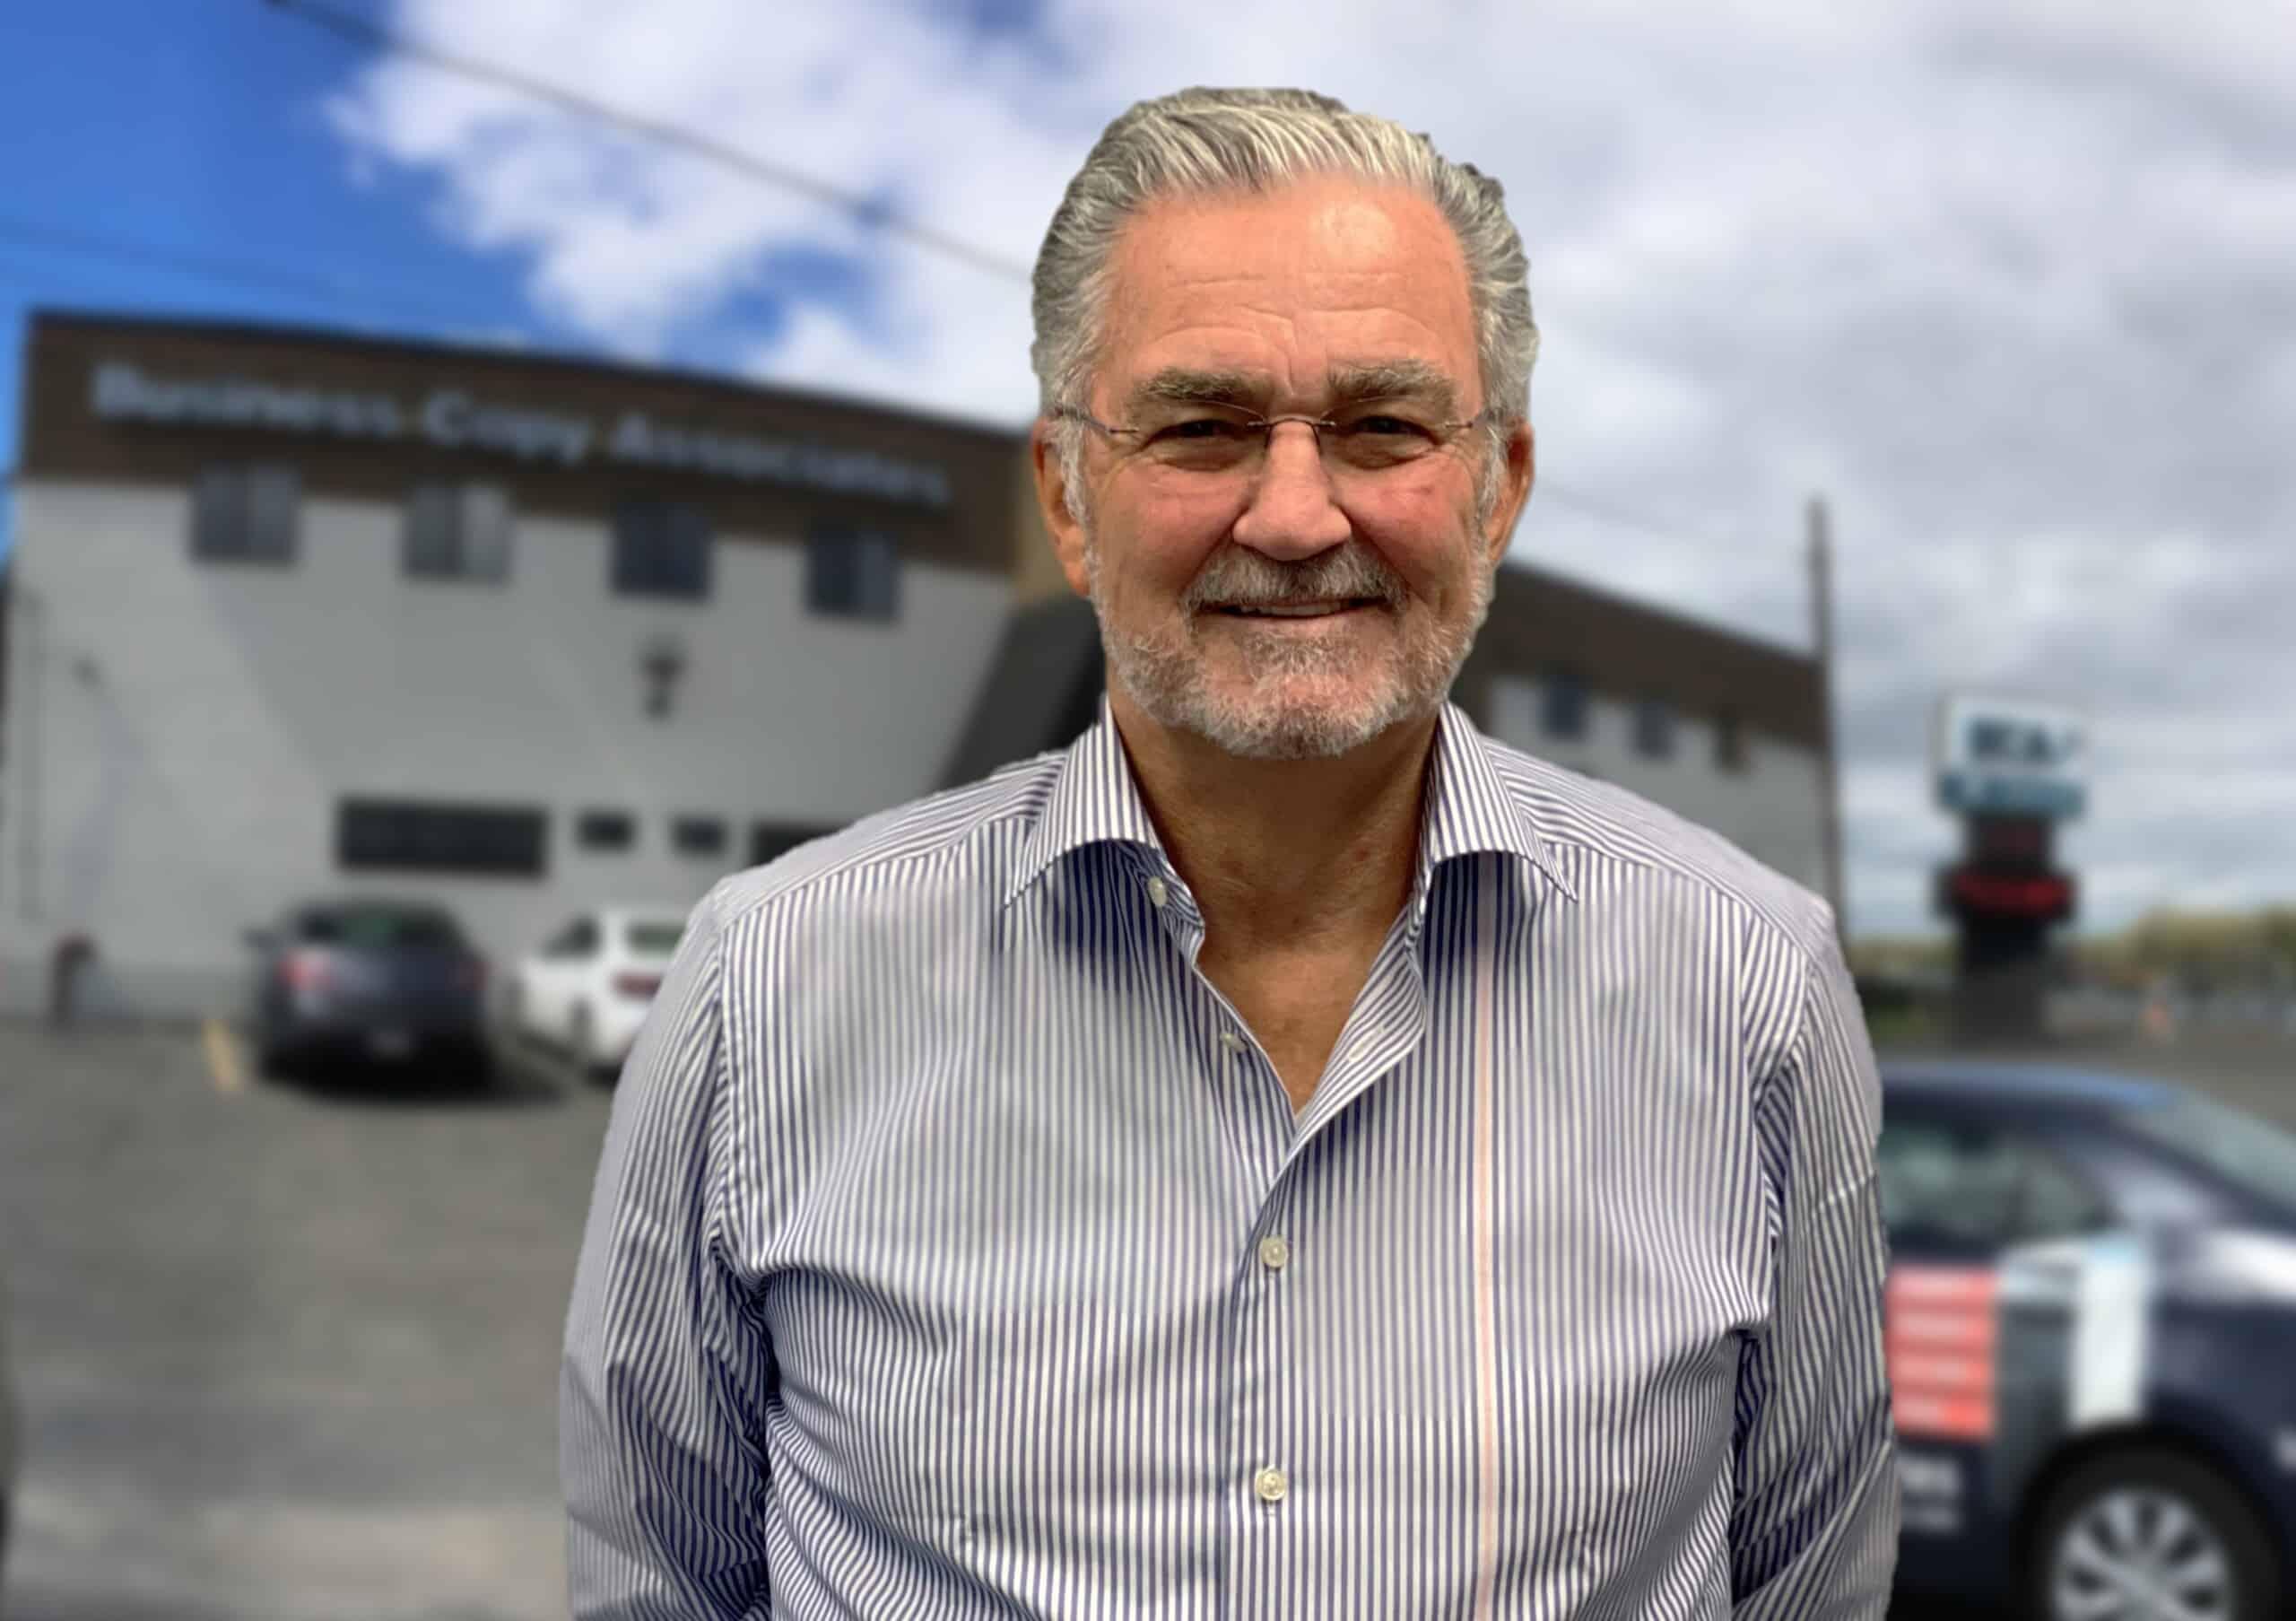 Bill Horrigan